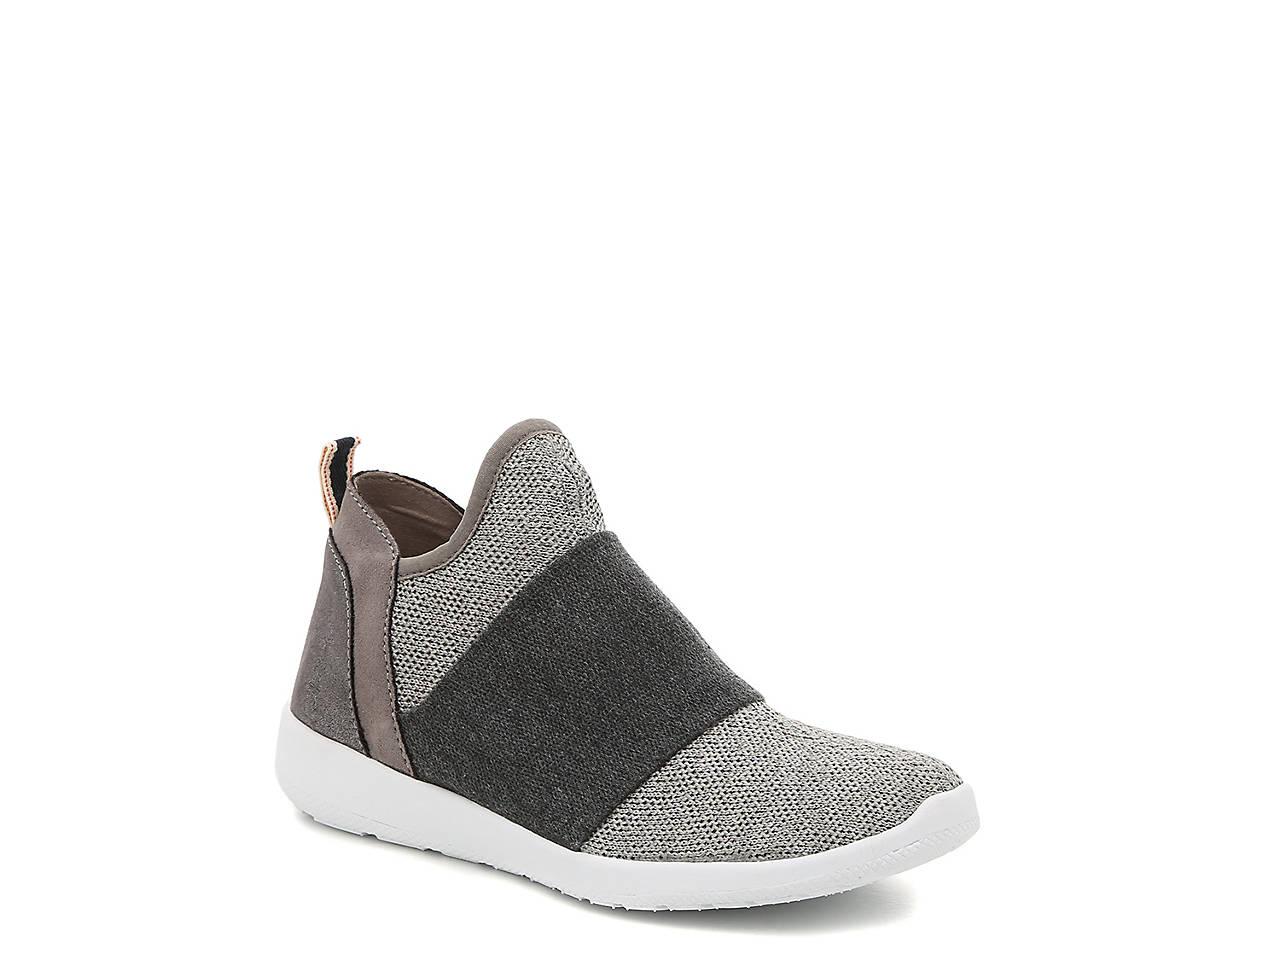 e8d302a14dd Hacharita Slip-On Sneaker - Kids'